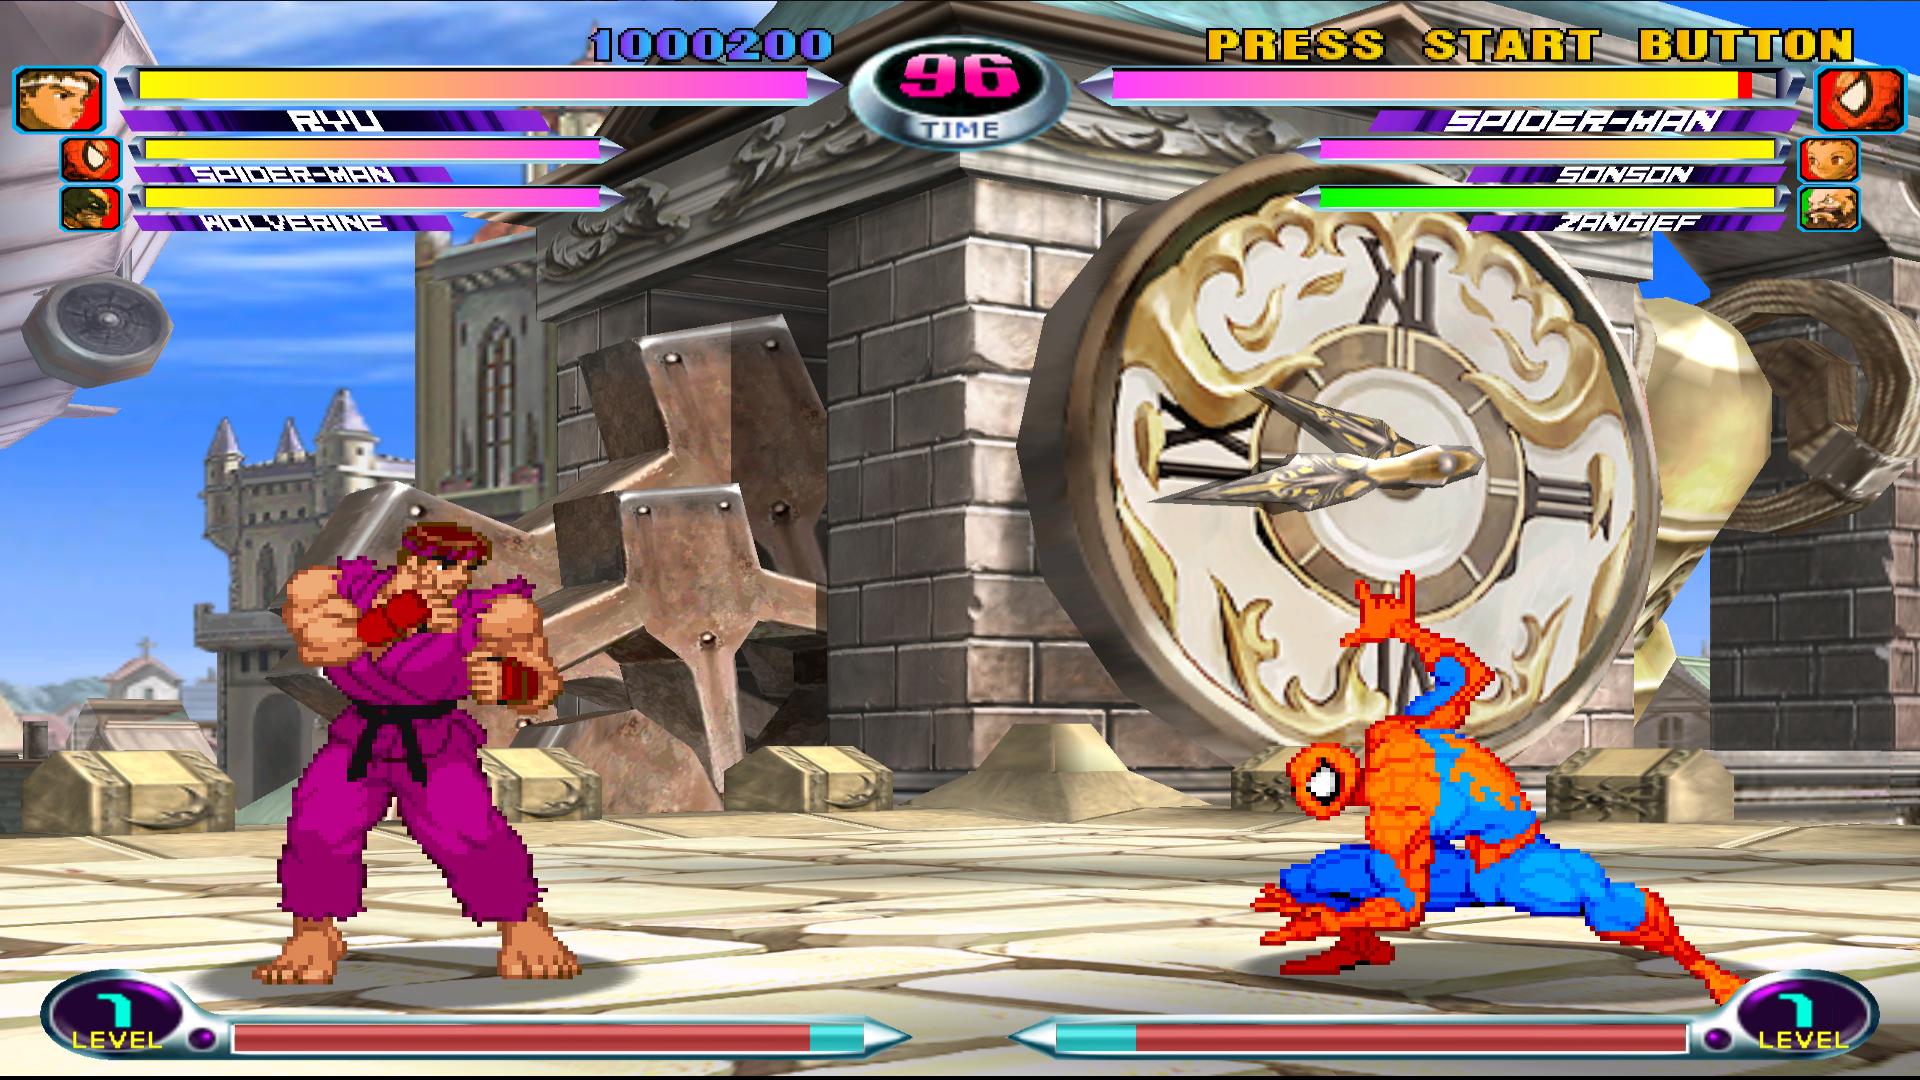 Redream – der beste (Dreamcast) Emulator auf dem Markt